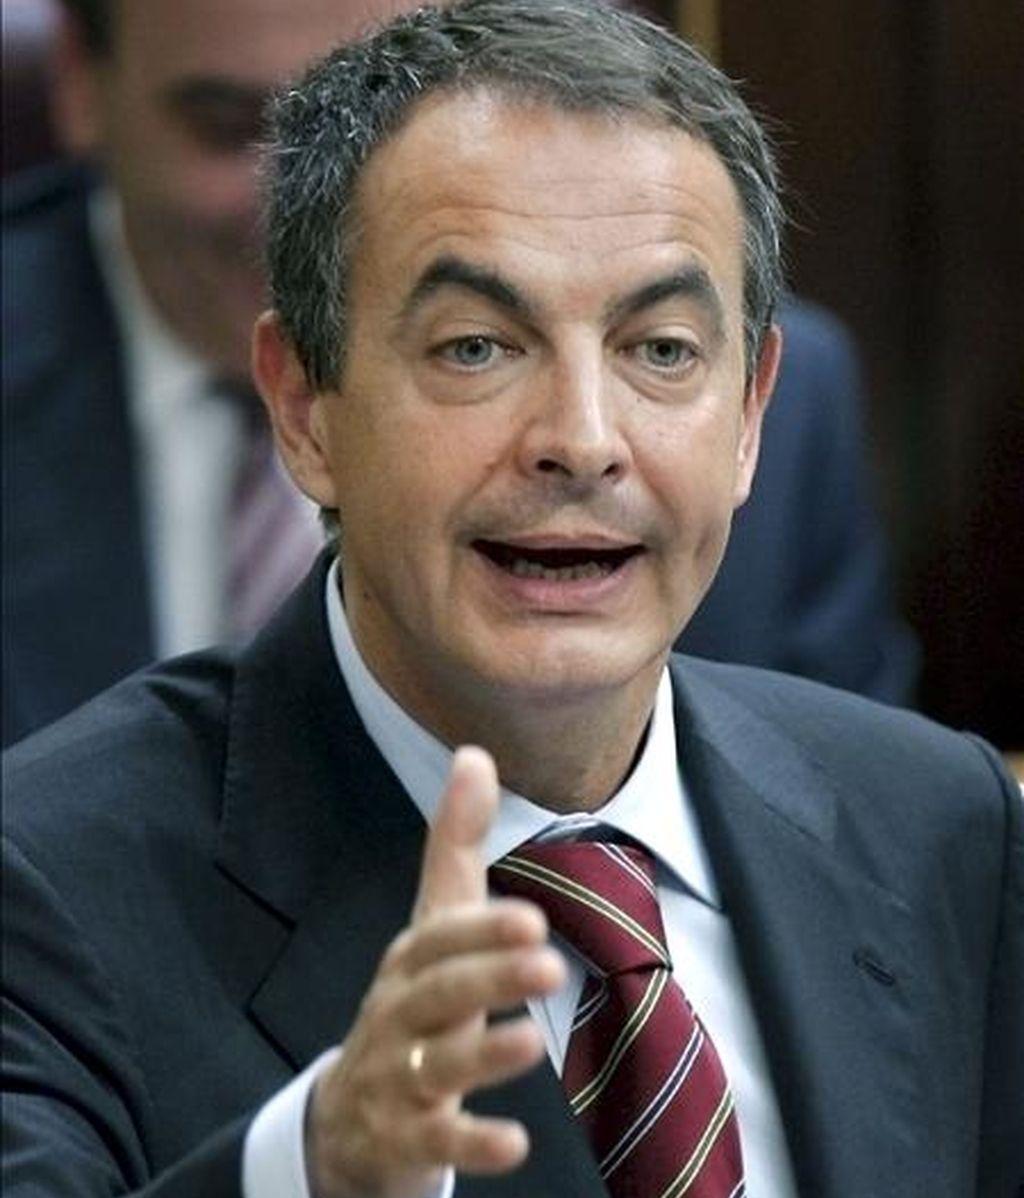 El presidente del Gobierno, José Luis Rodríguez Zapatero, responde a una pregunta durante la sesión de control al Ejecutivo, hoy en el pleno del Congreso de los Diputados. EFE